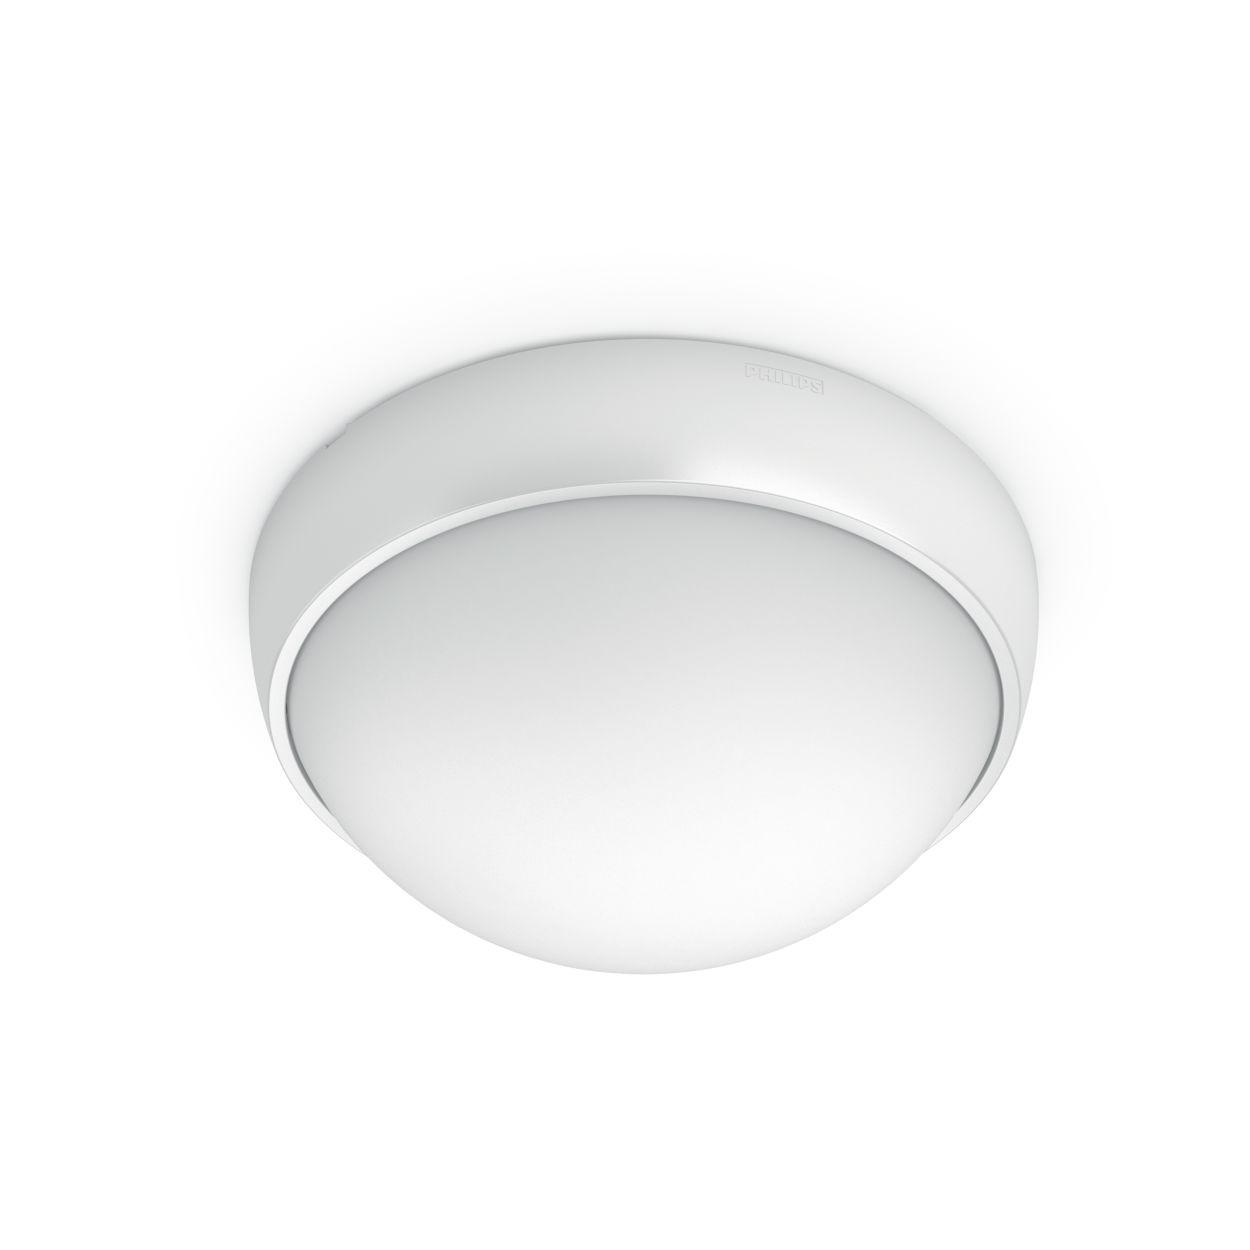 Luci bagno philips : luci mobile bagno. luci bagno parete. luci ...